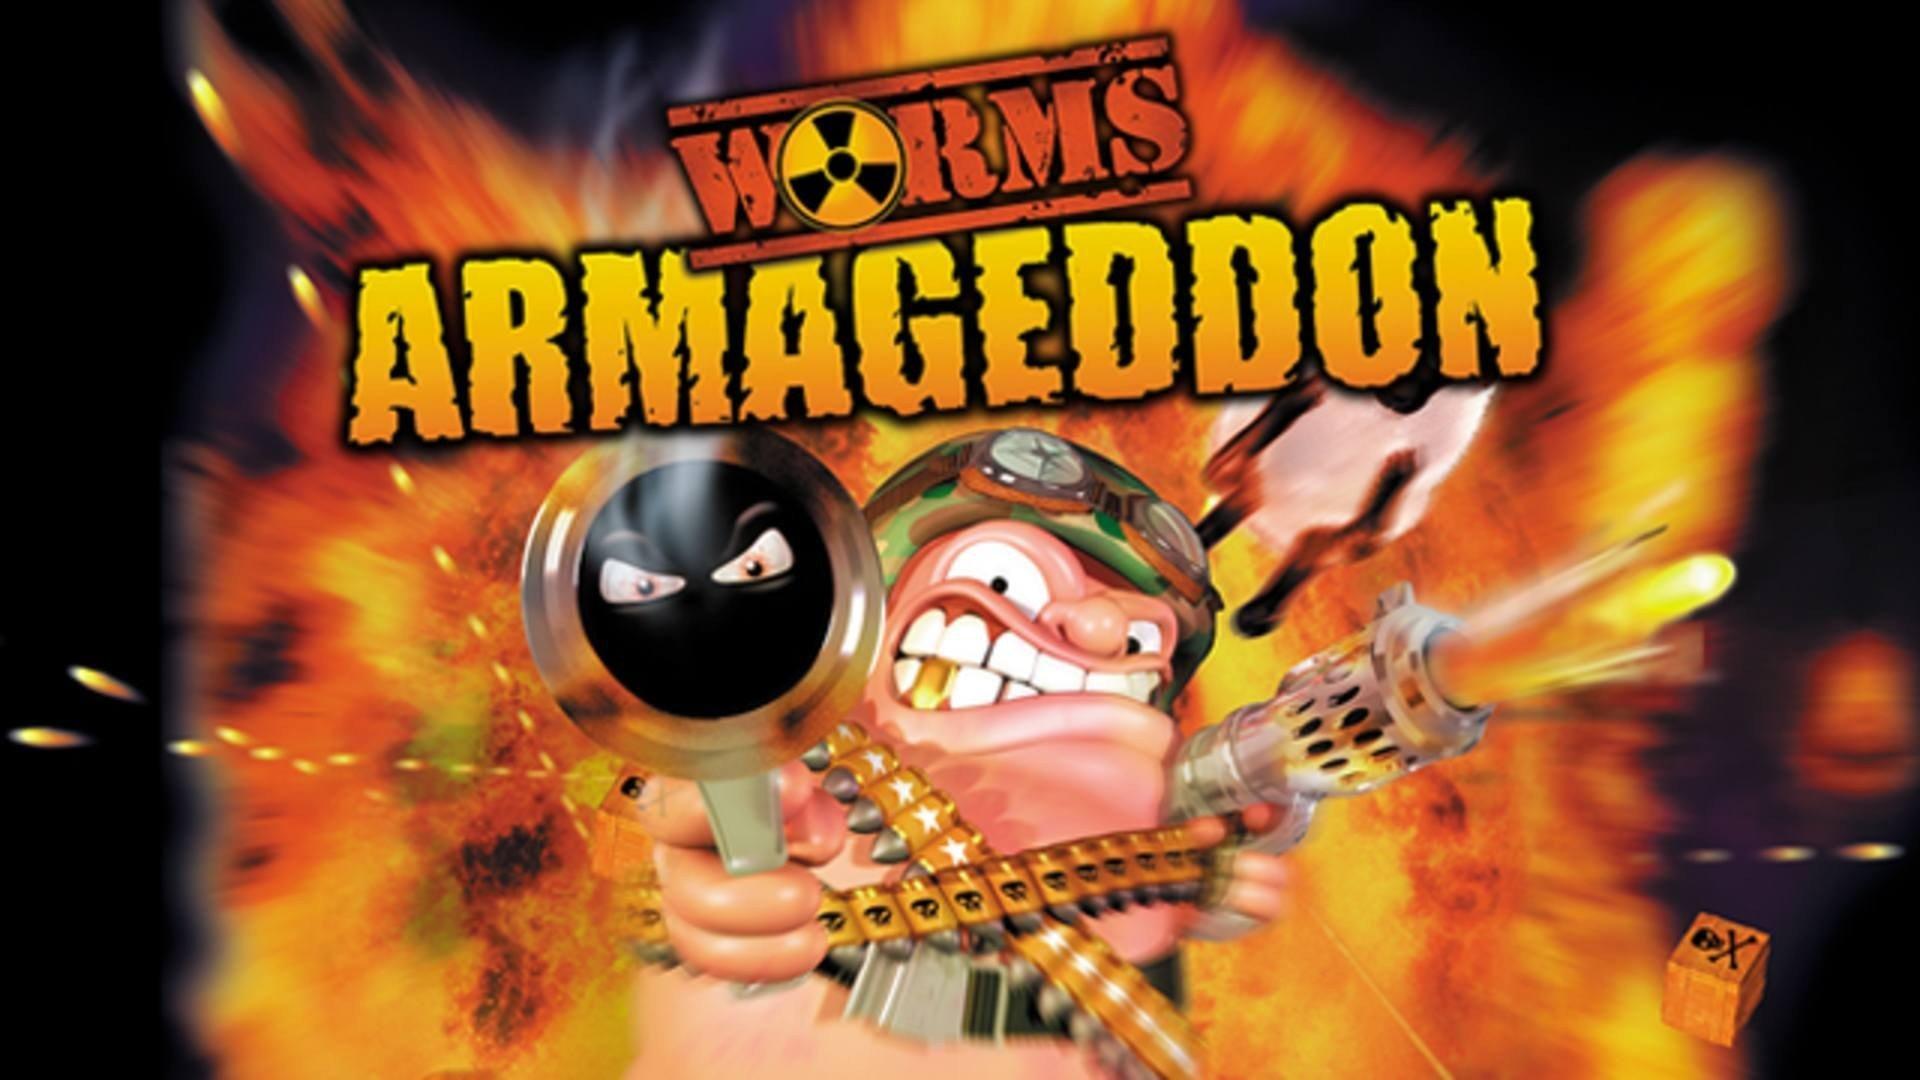 Легендарная Worms Armageddon получила обновление спустя 21 год после релиза